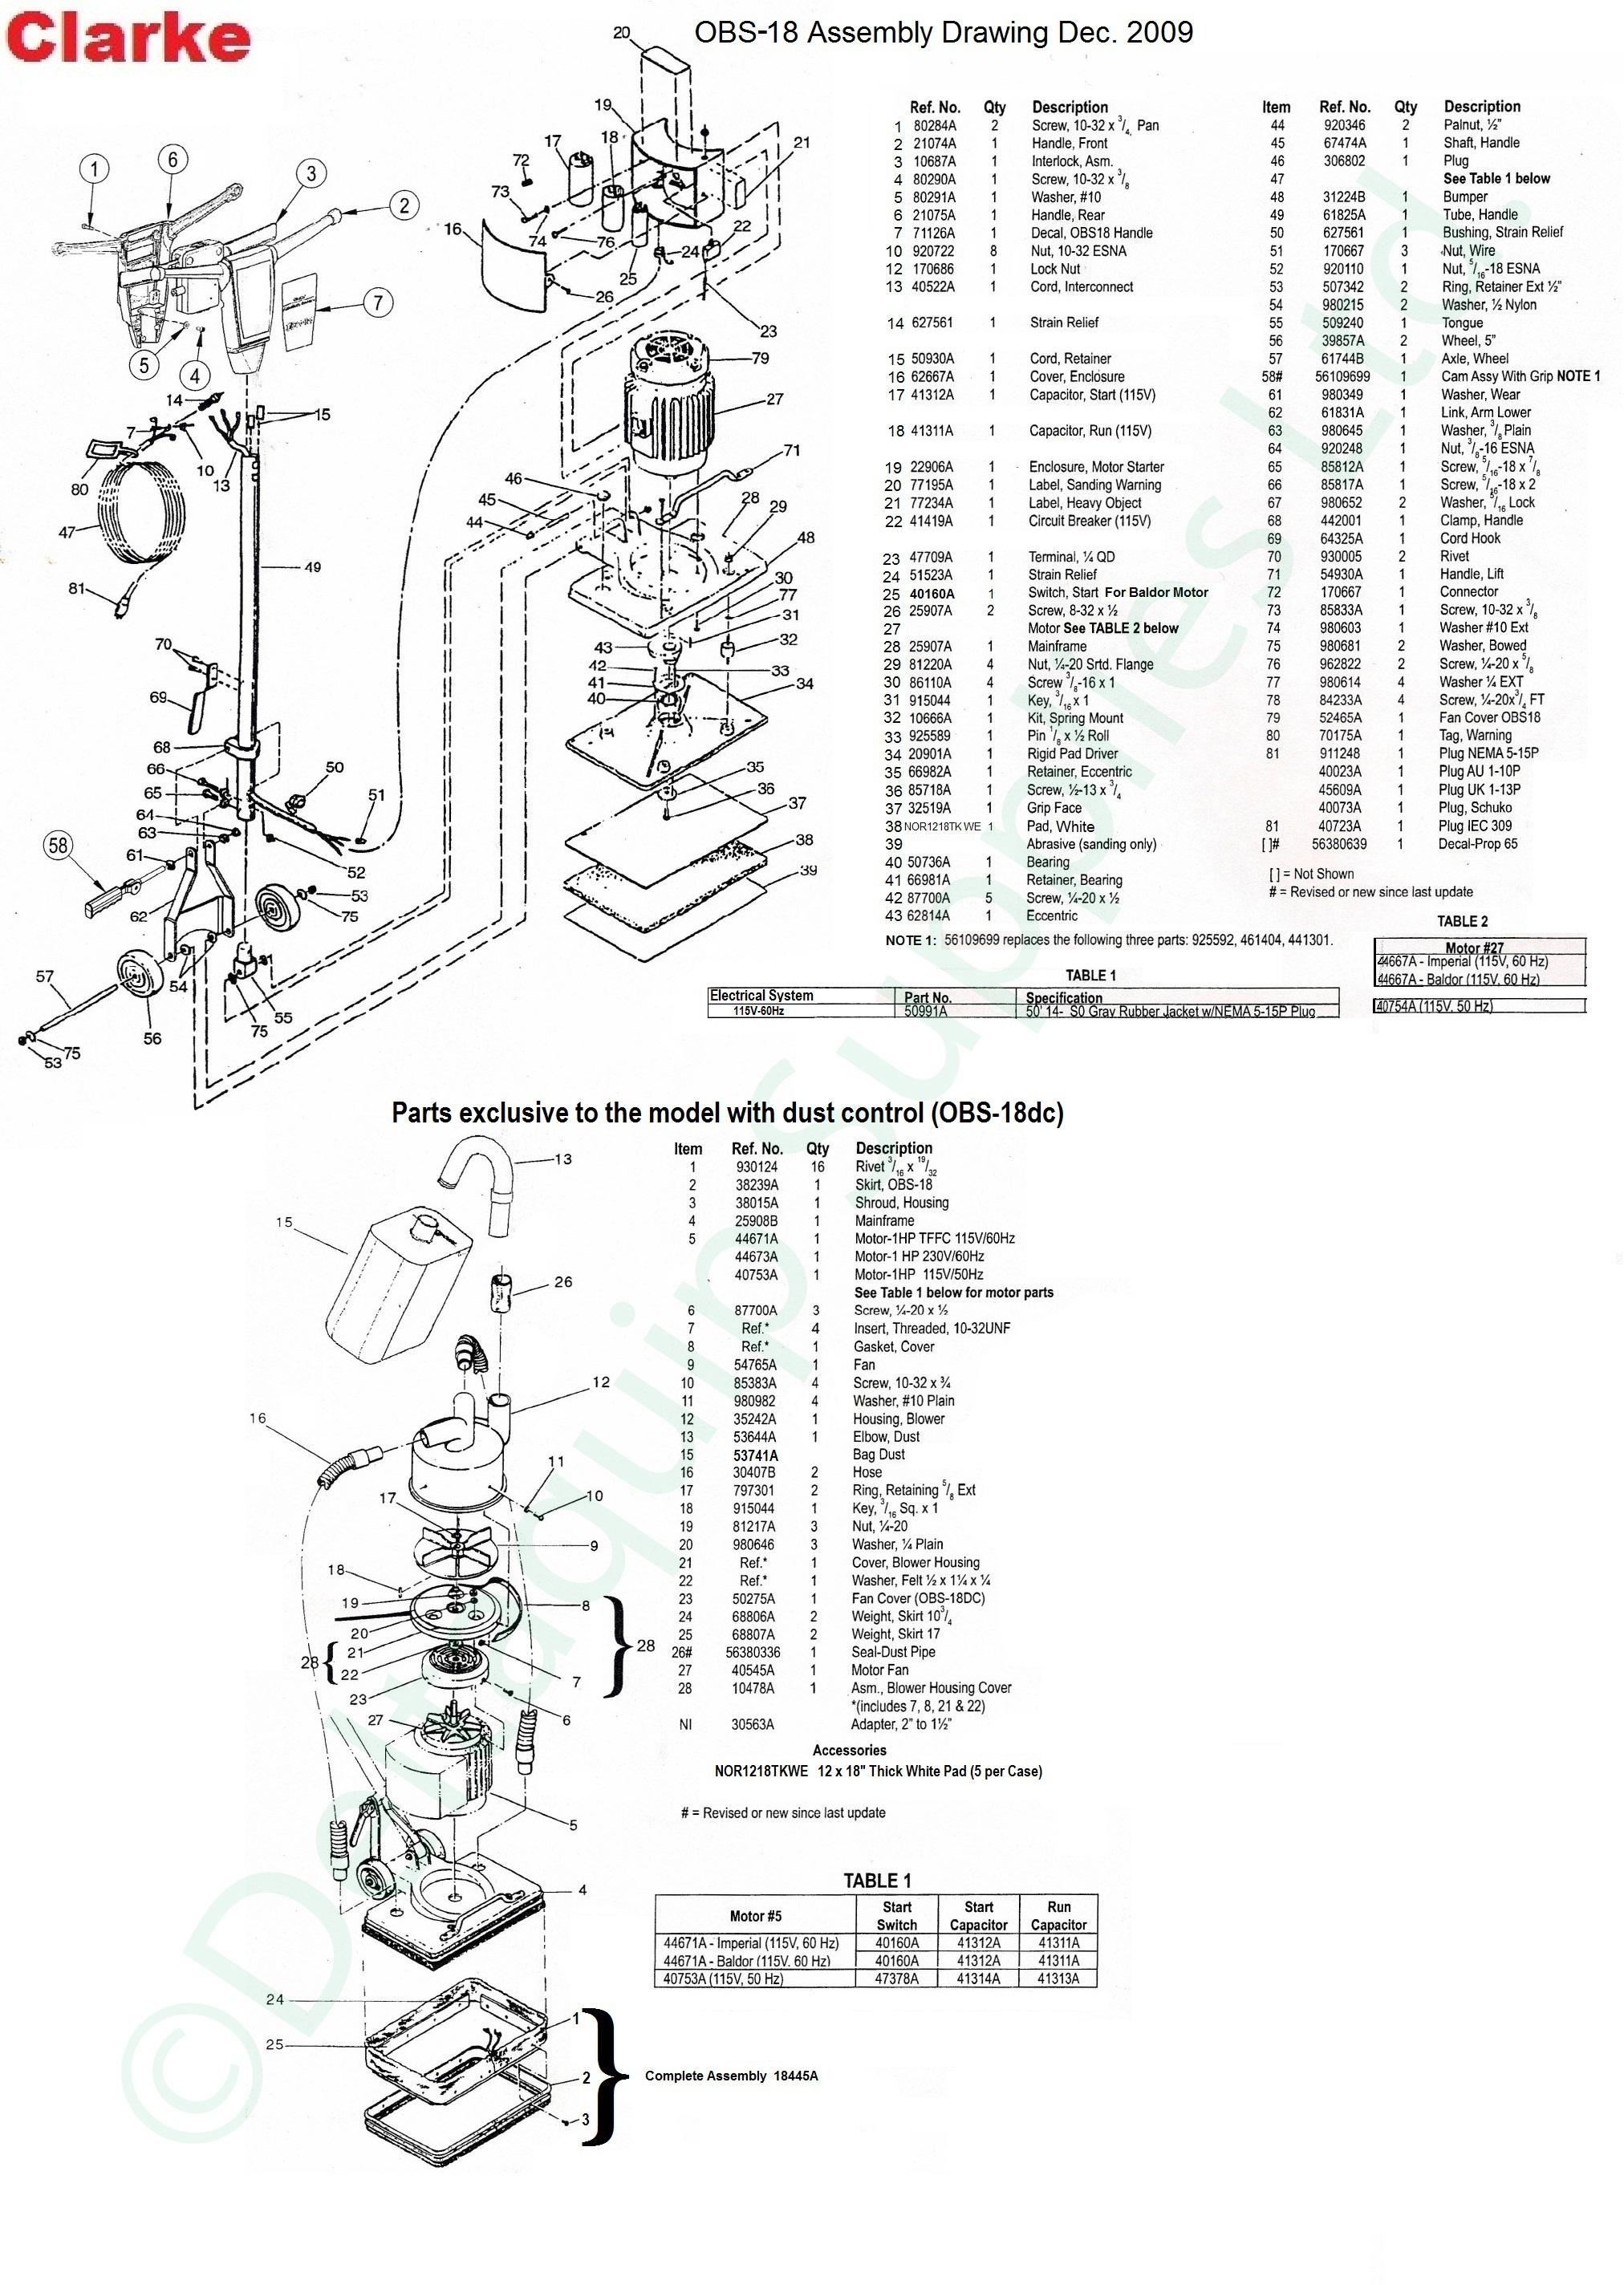 clarke floor sander parts list